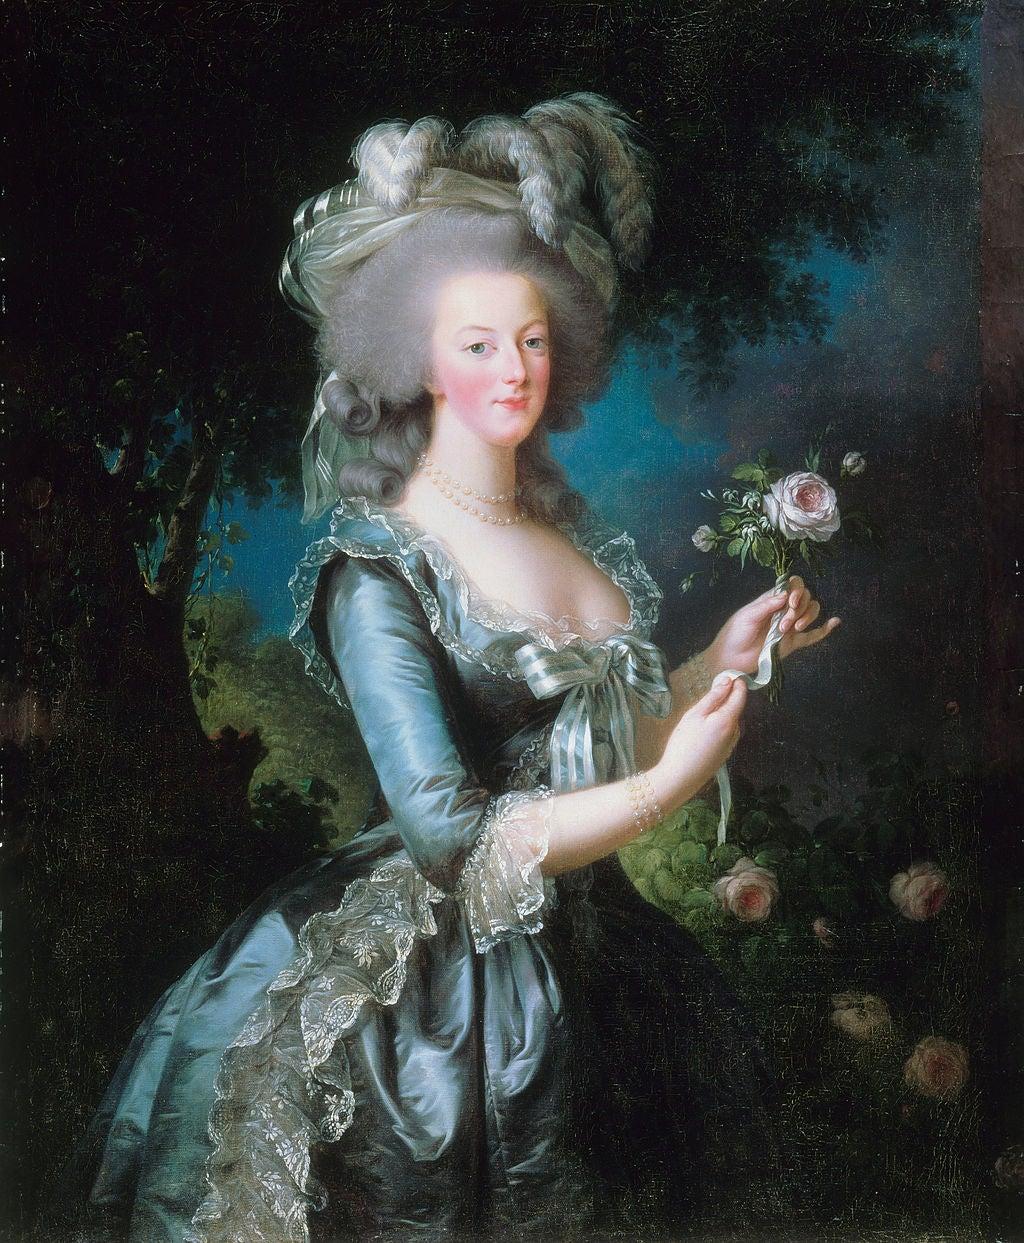 Louise Élisabeth Vigée Le Brun - Marie Antoinette